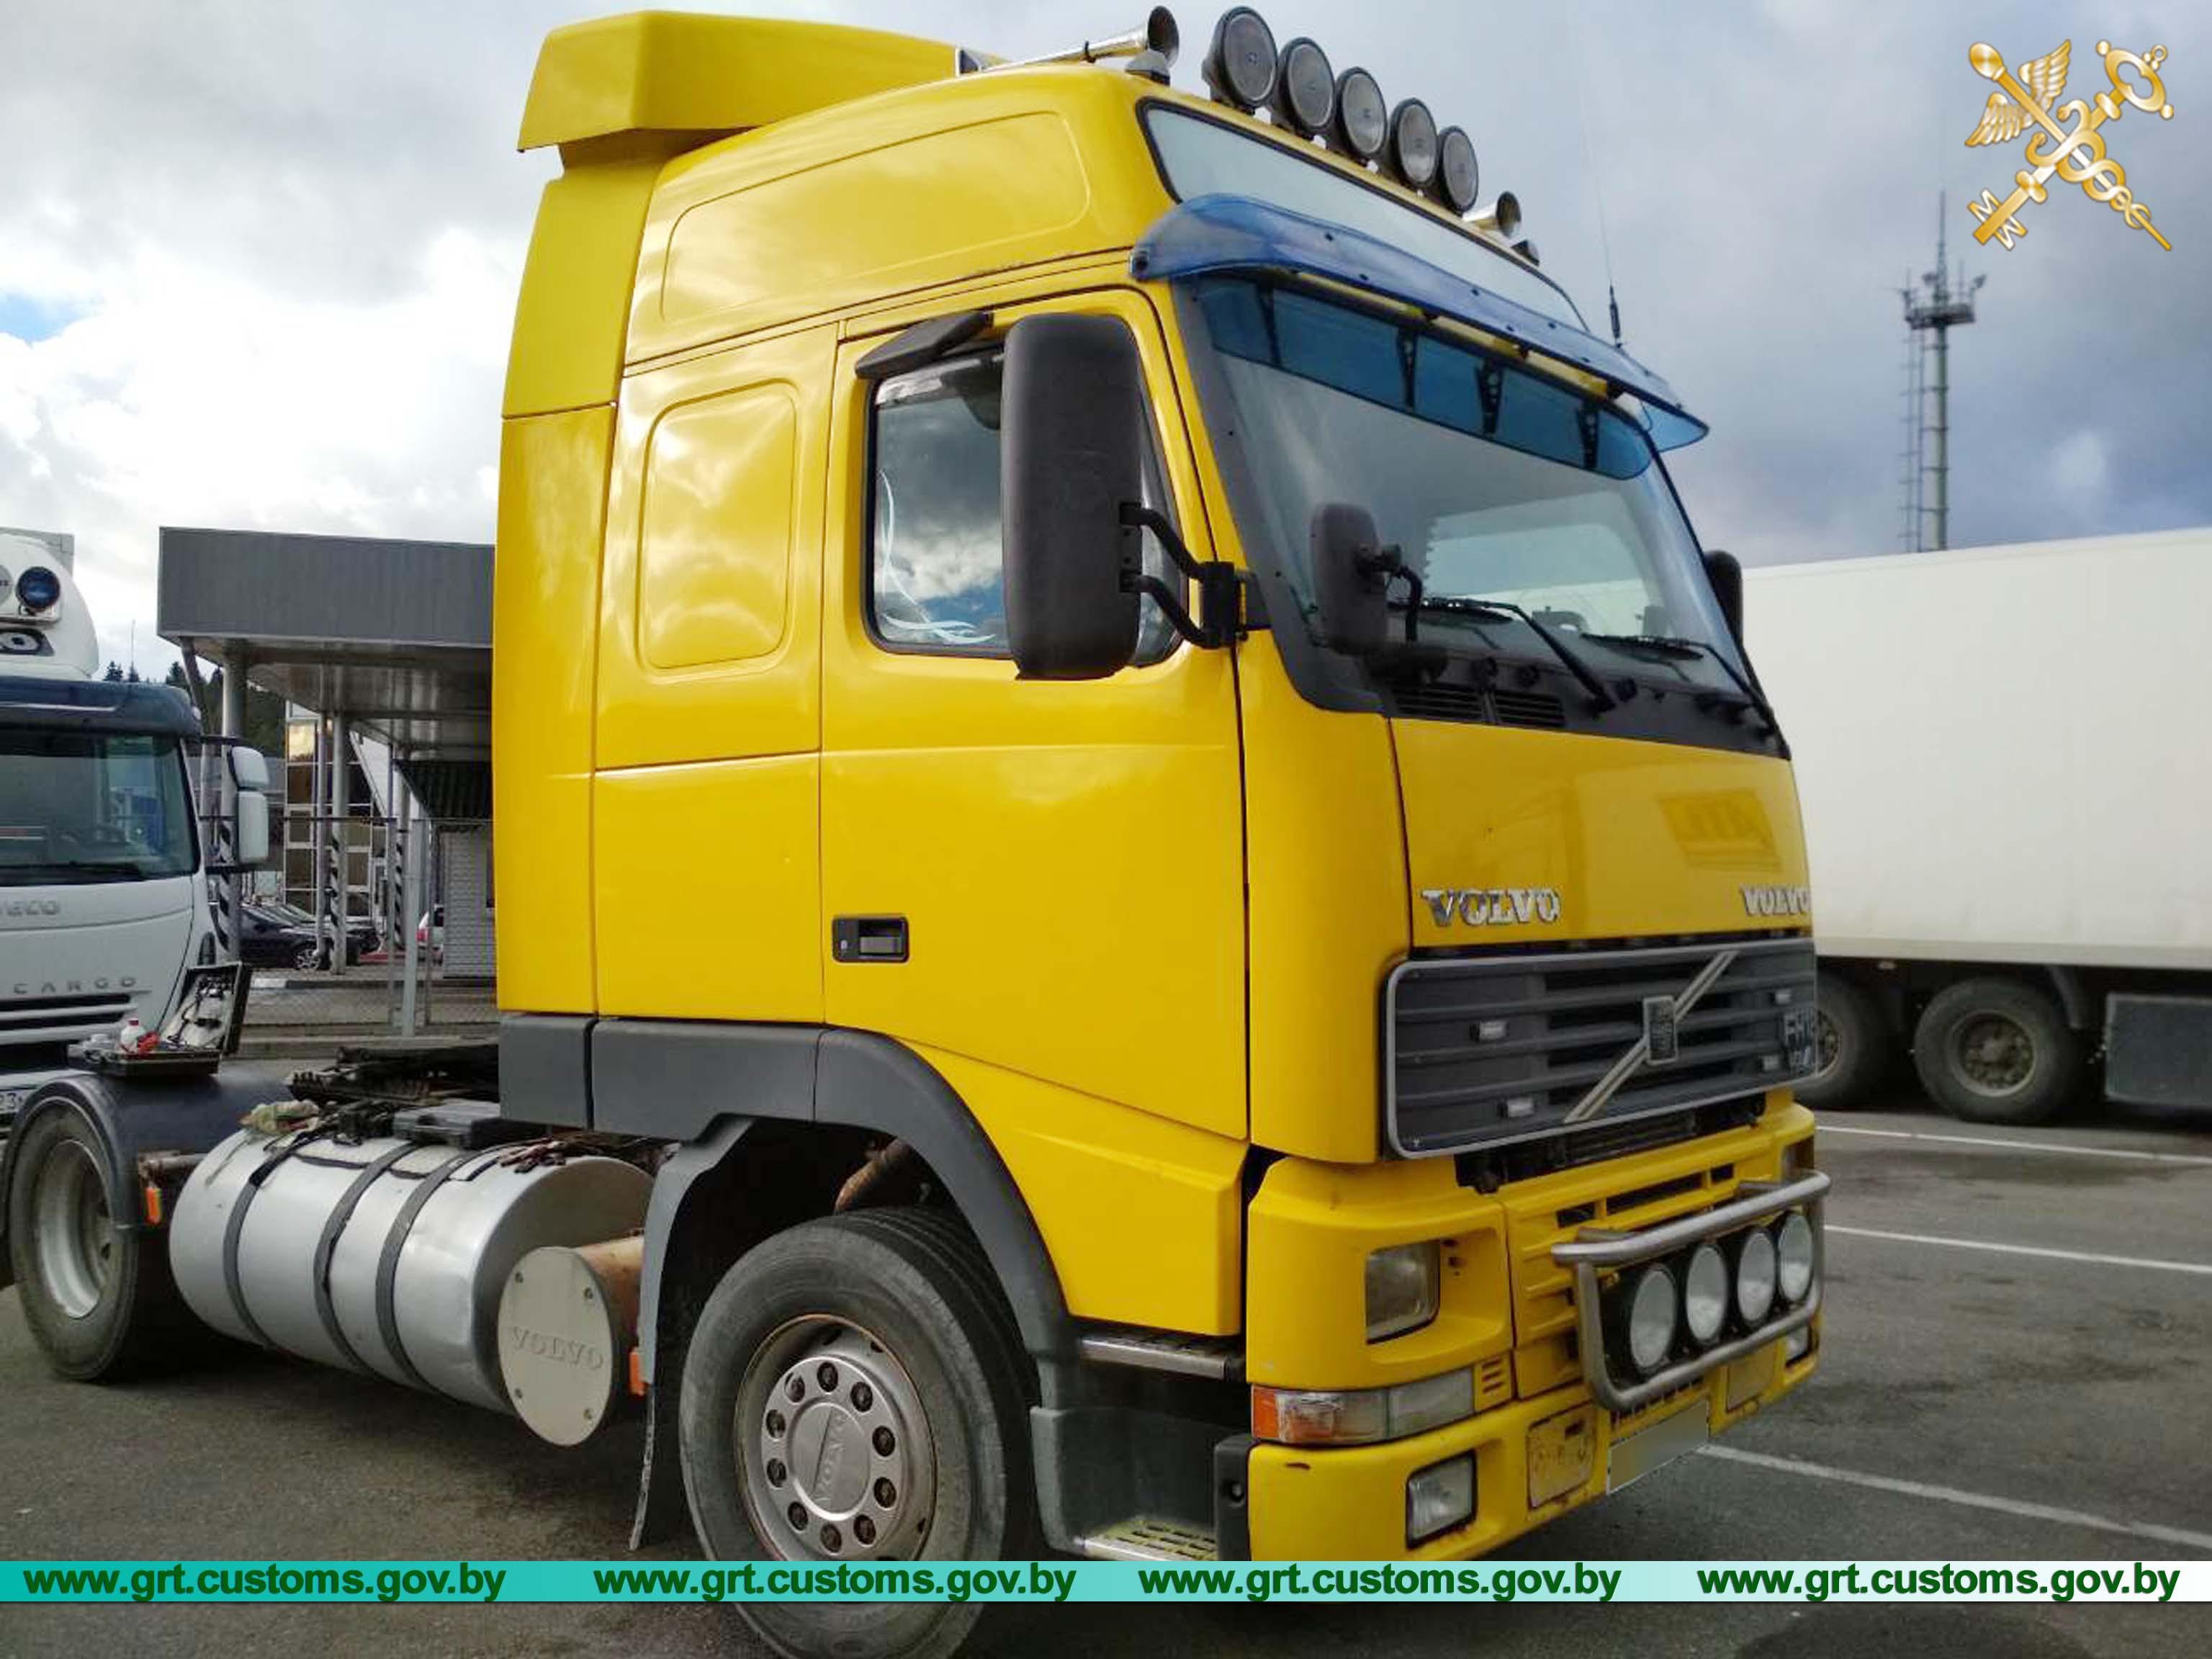 Гродненские таможенники изъяли грузовики с измененными номерами и «двойниками» после ДТП